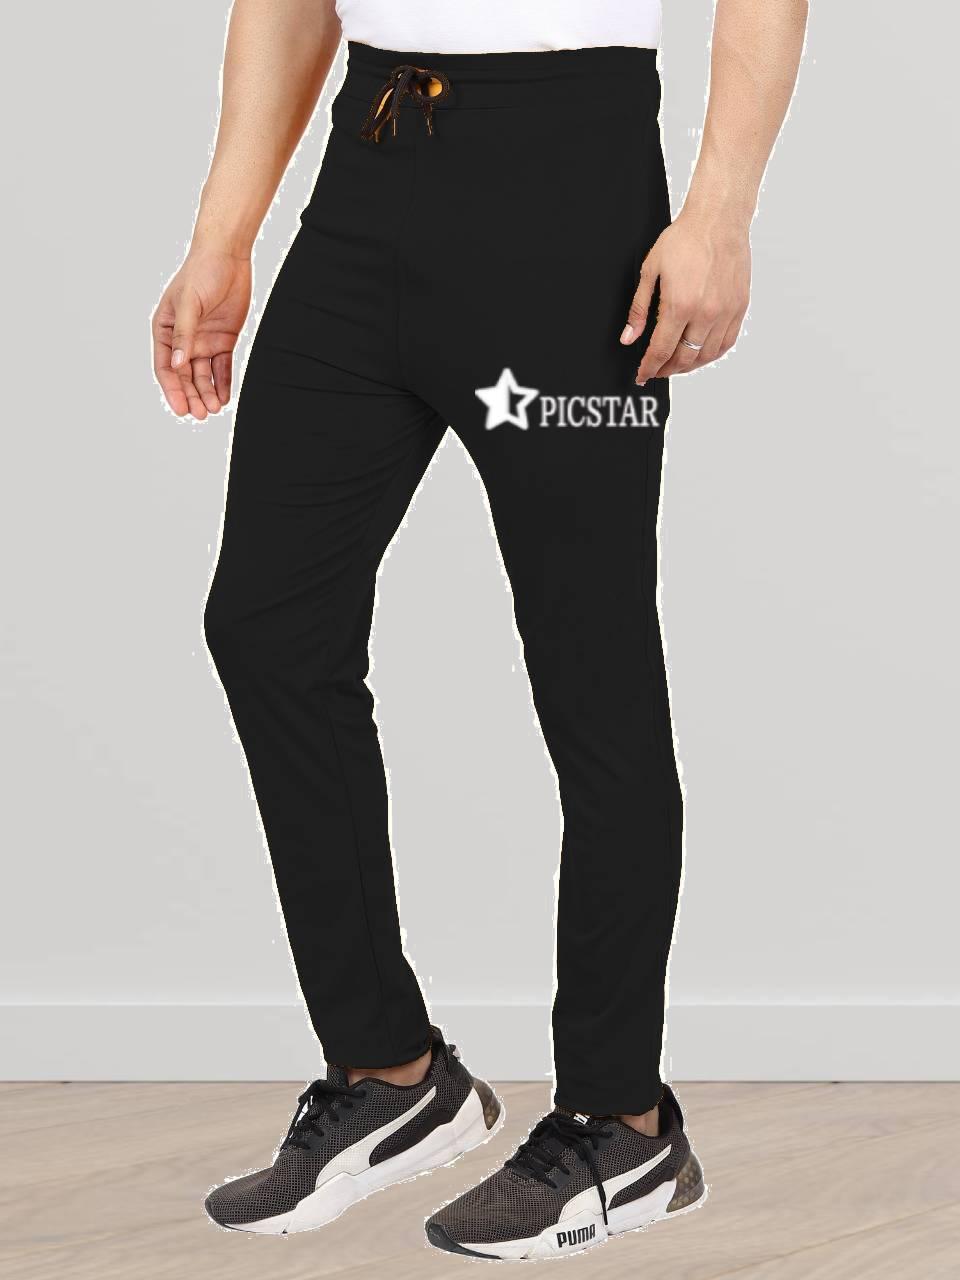 Picstar | Picstar Fox Black Men's Trackpant